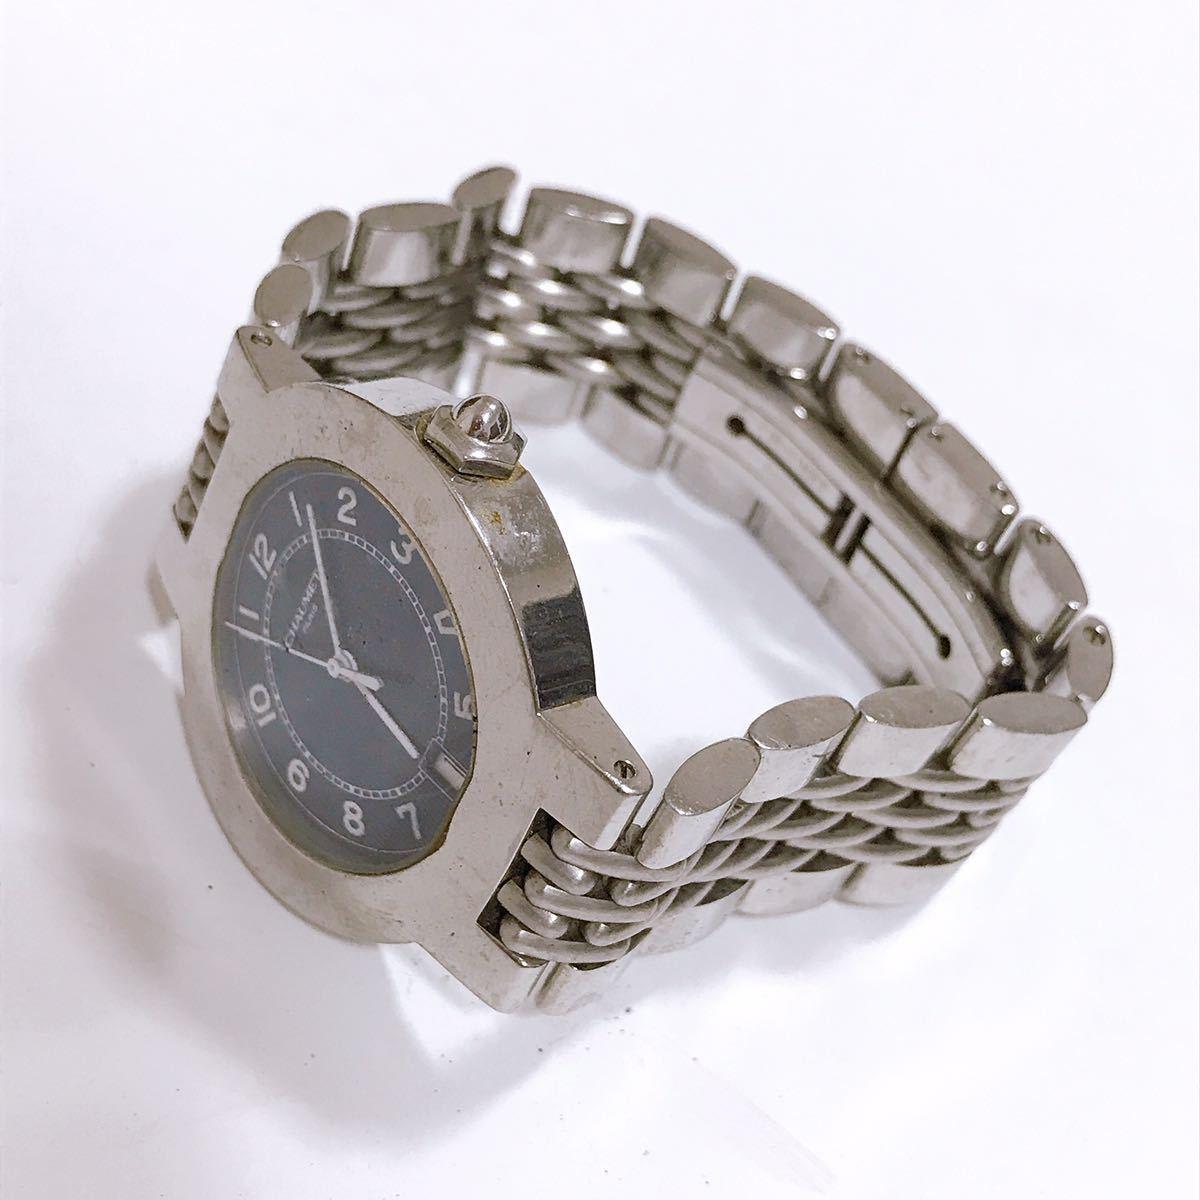 【ジャンク品】ショーメ CHAUMET PARIS 腕時計 メンズ レディース ユニセックス_画像2